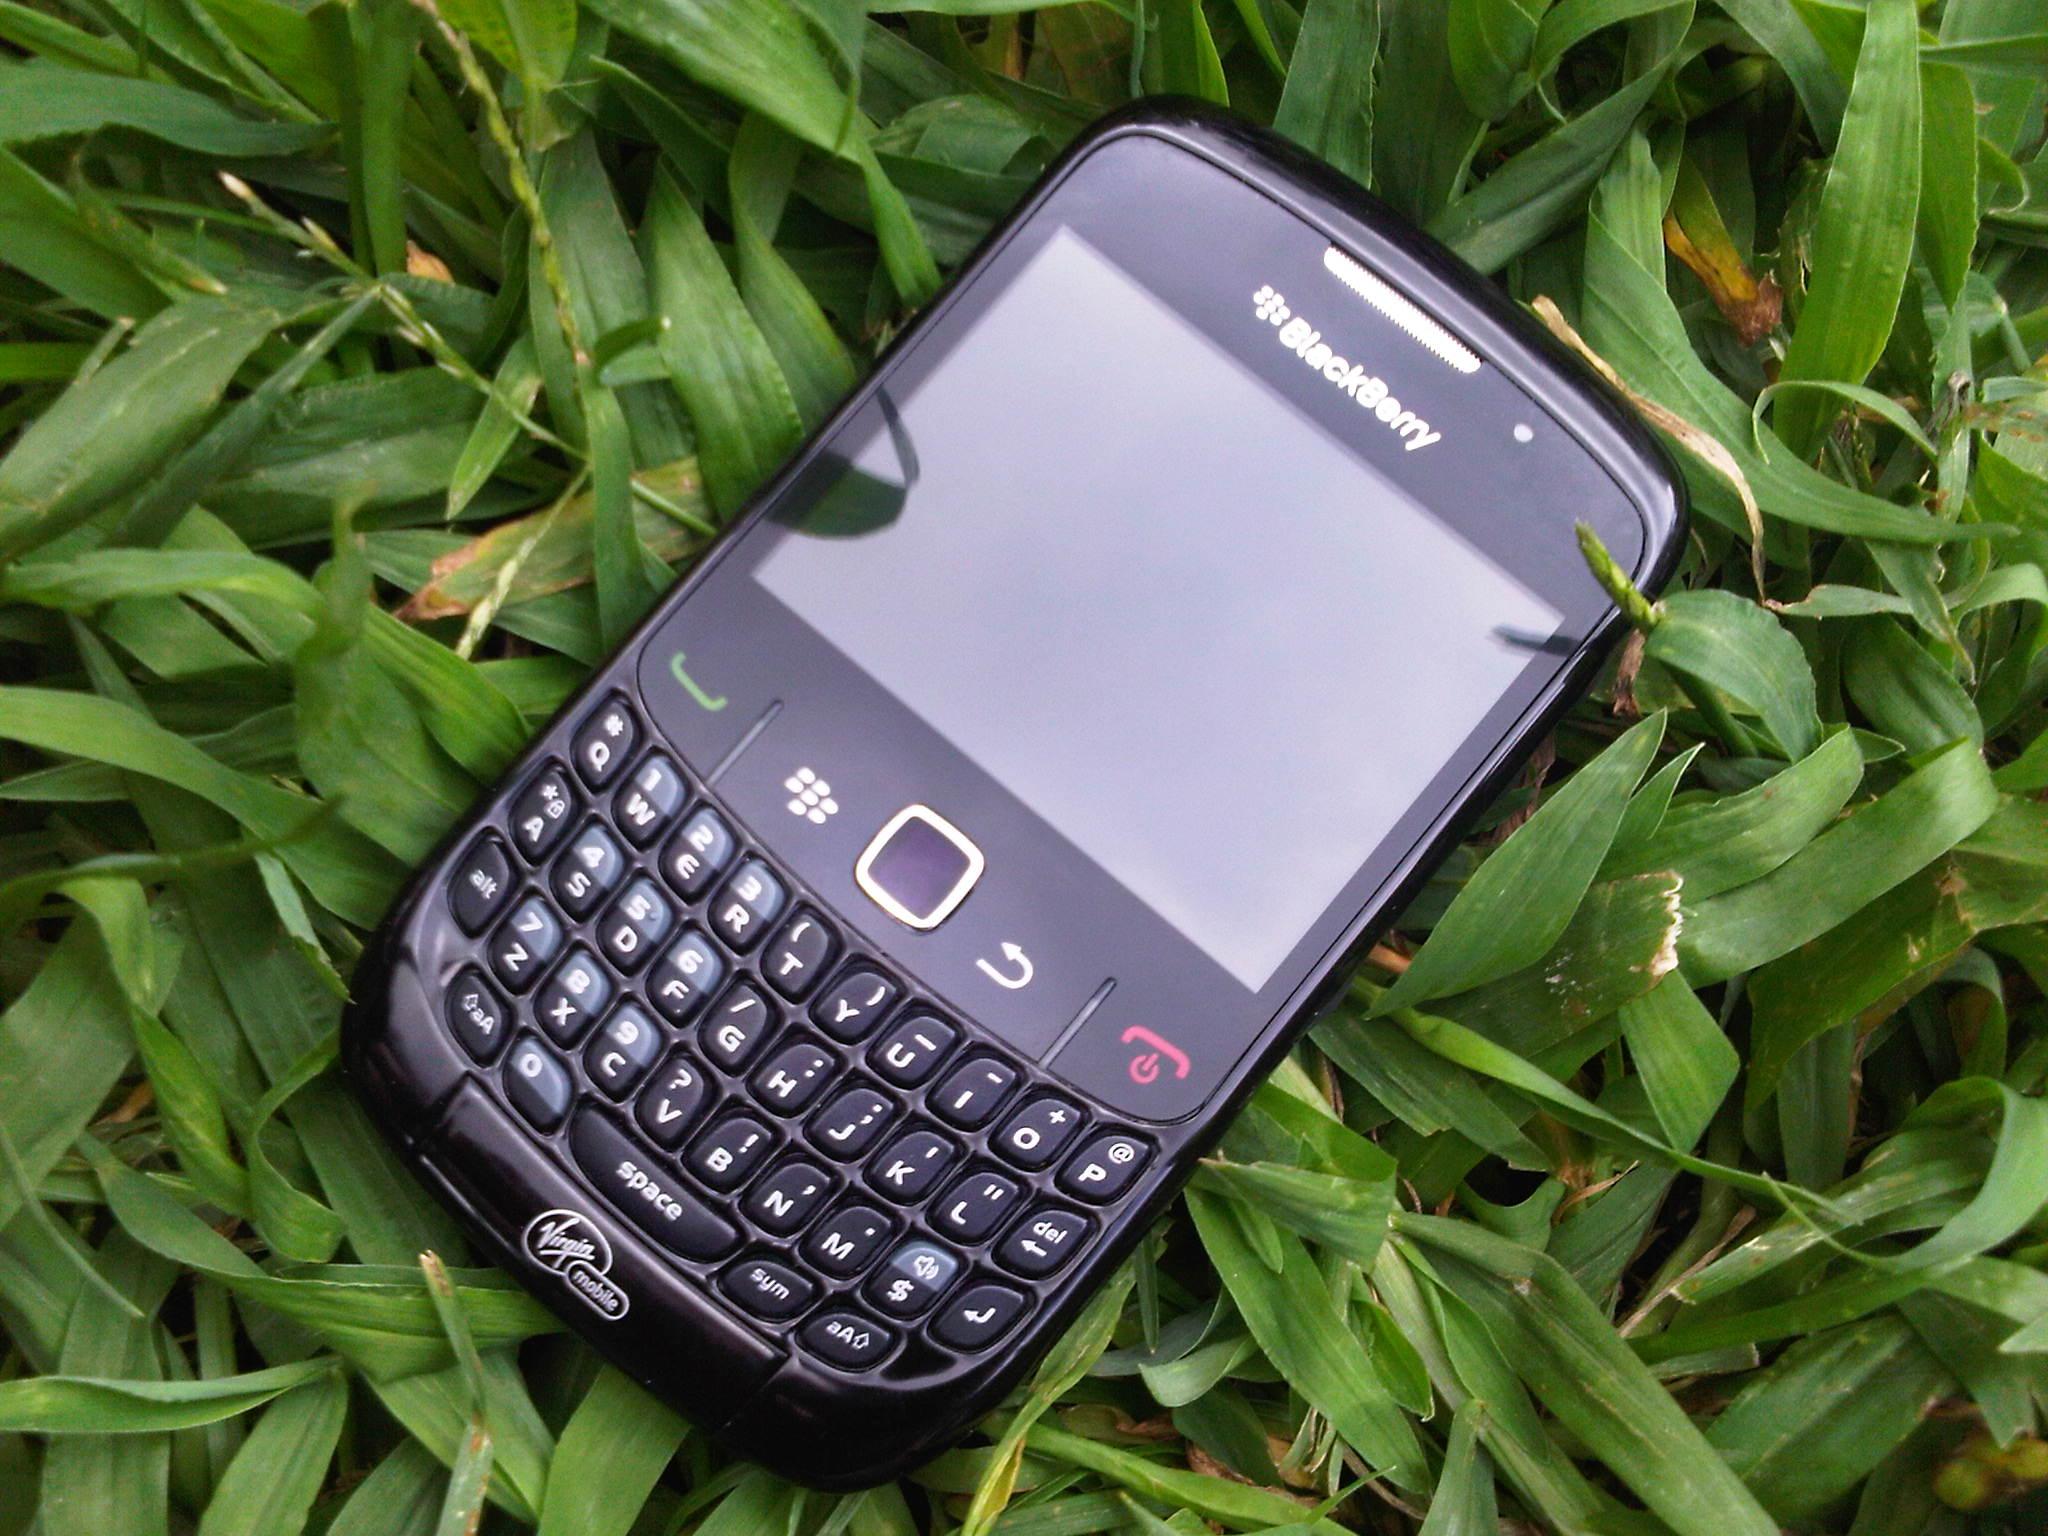 Blackberry virgin mobile reviews galleries 460